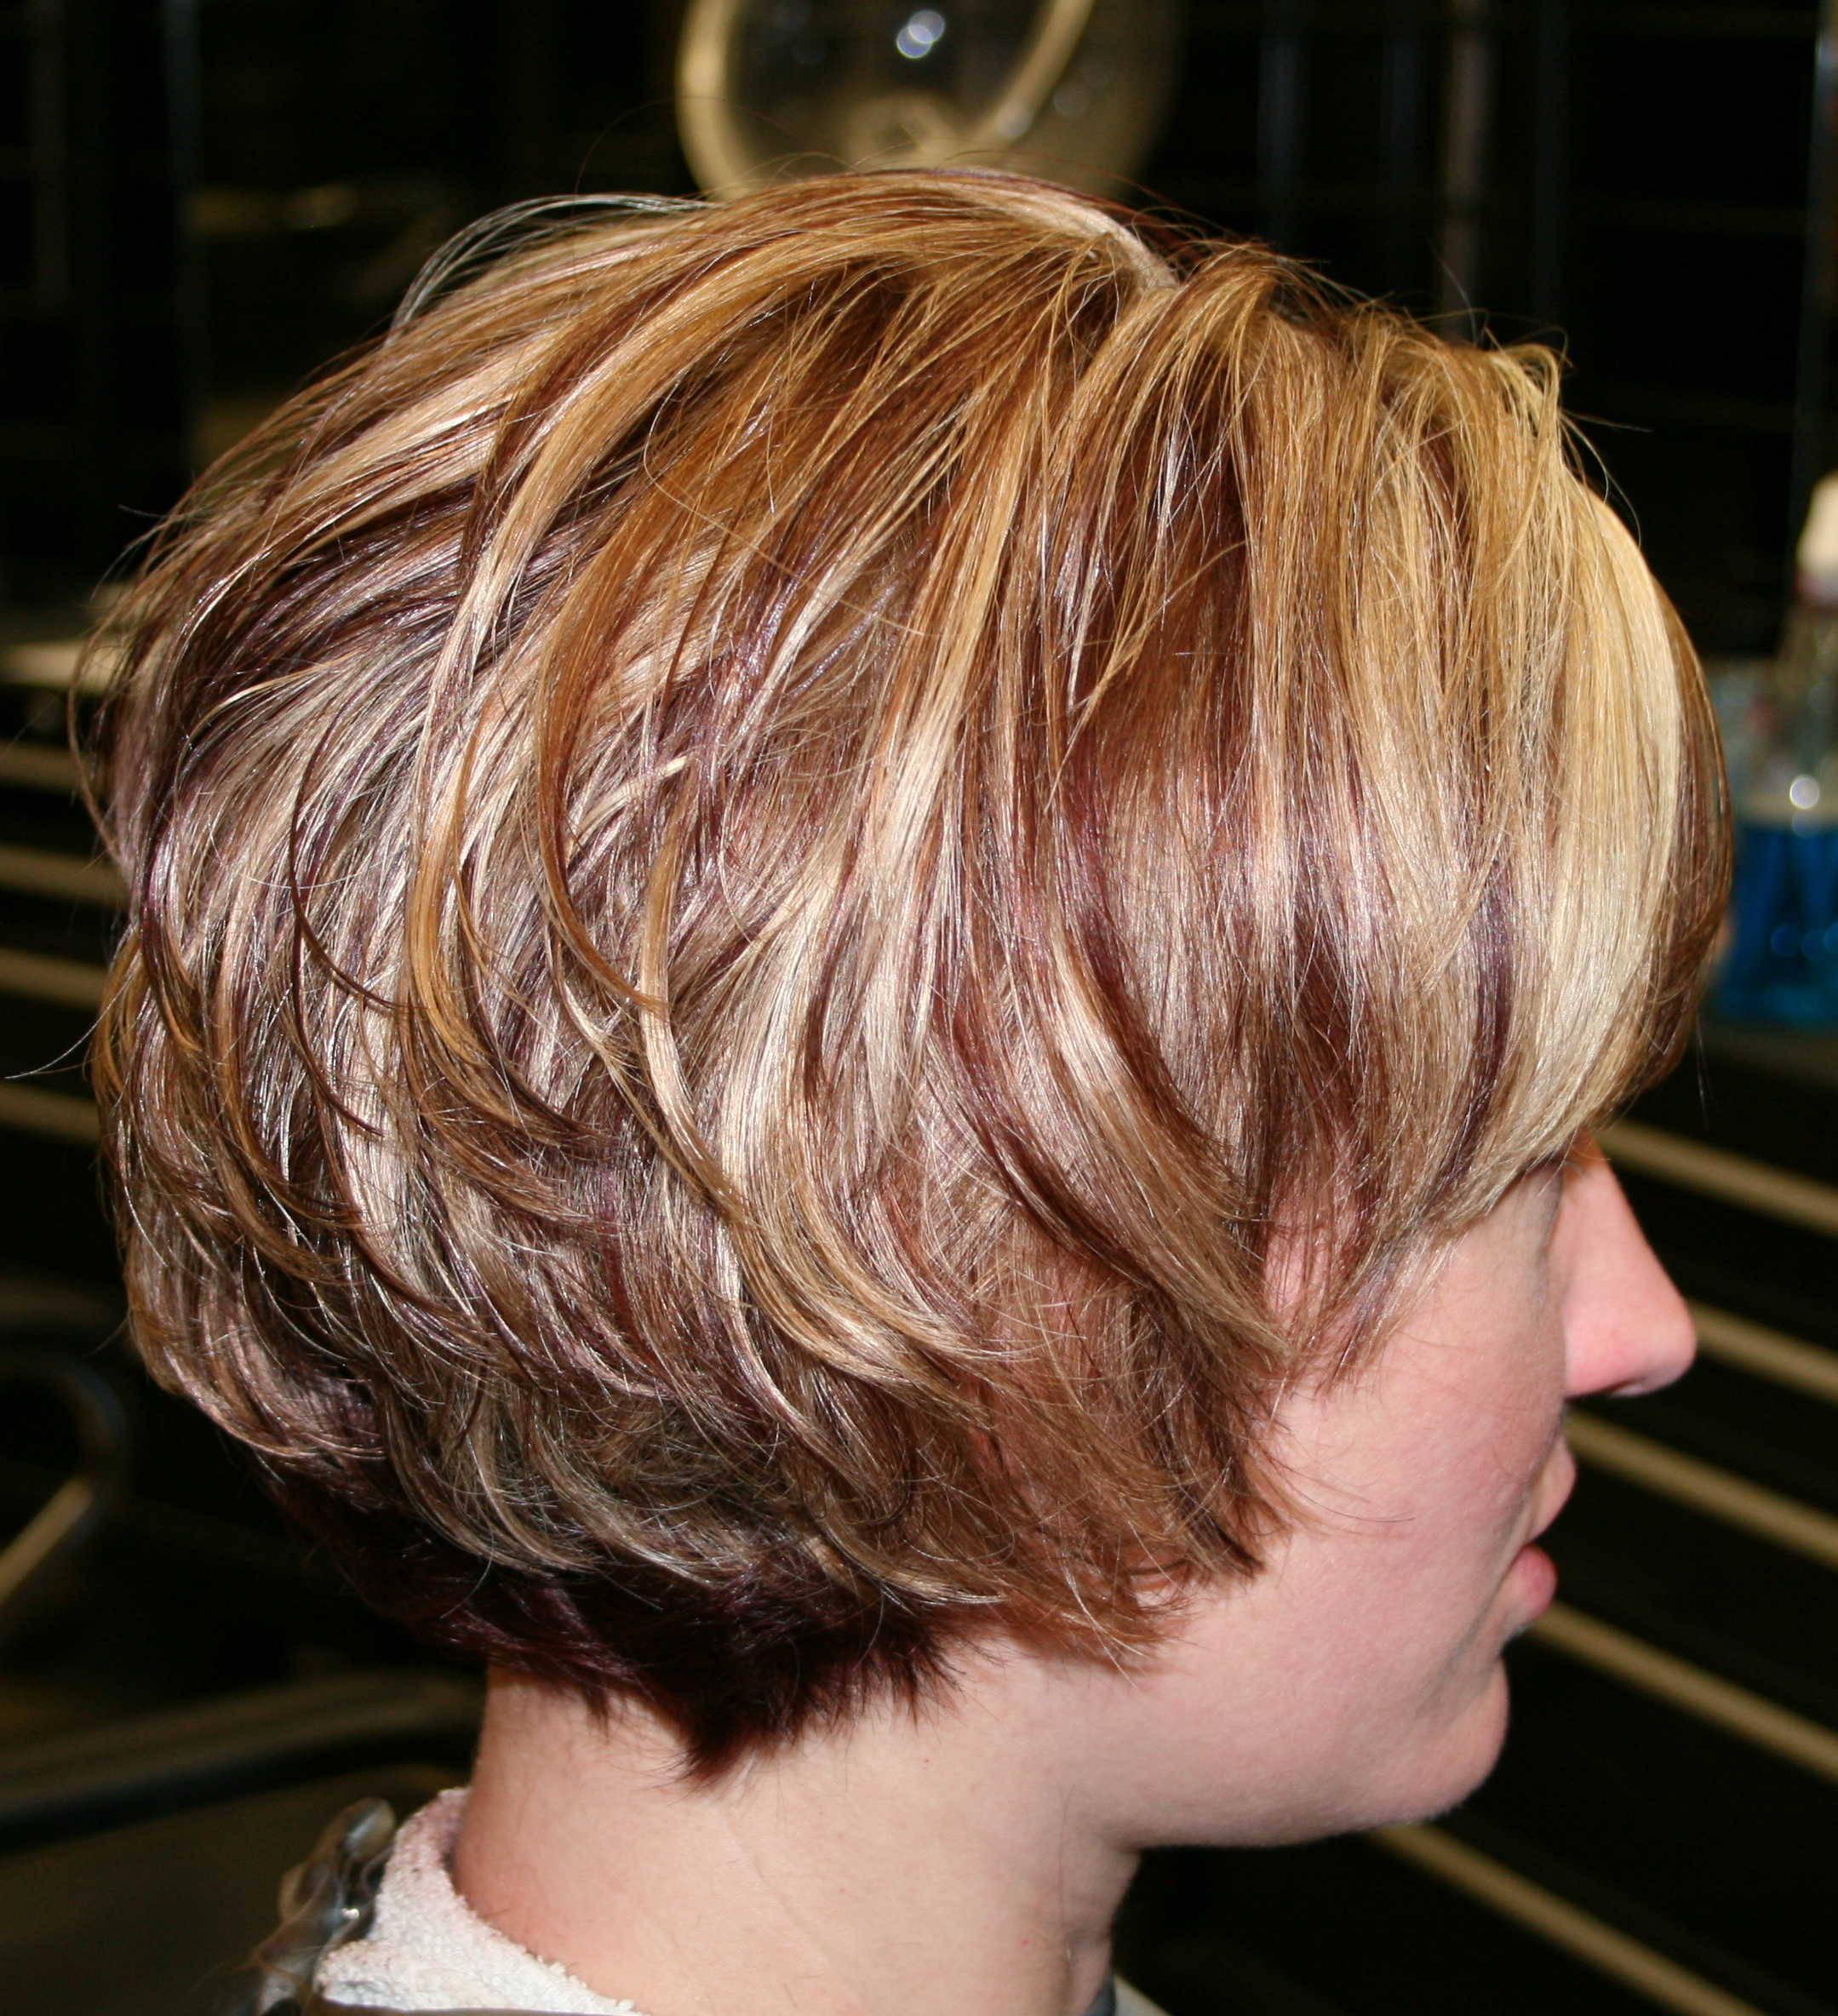 natural short hairstyles 2014 photo - 1